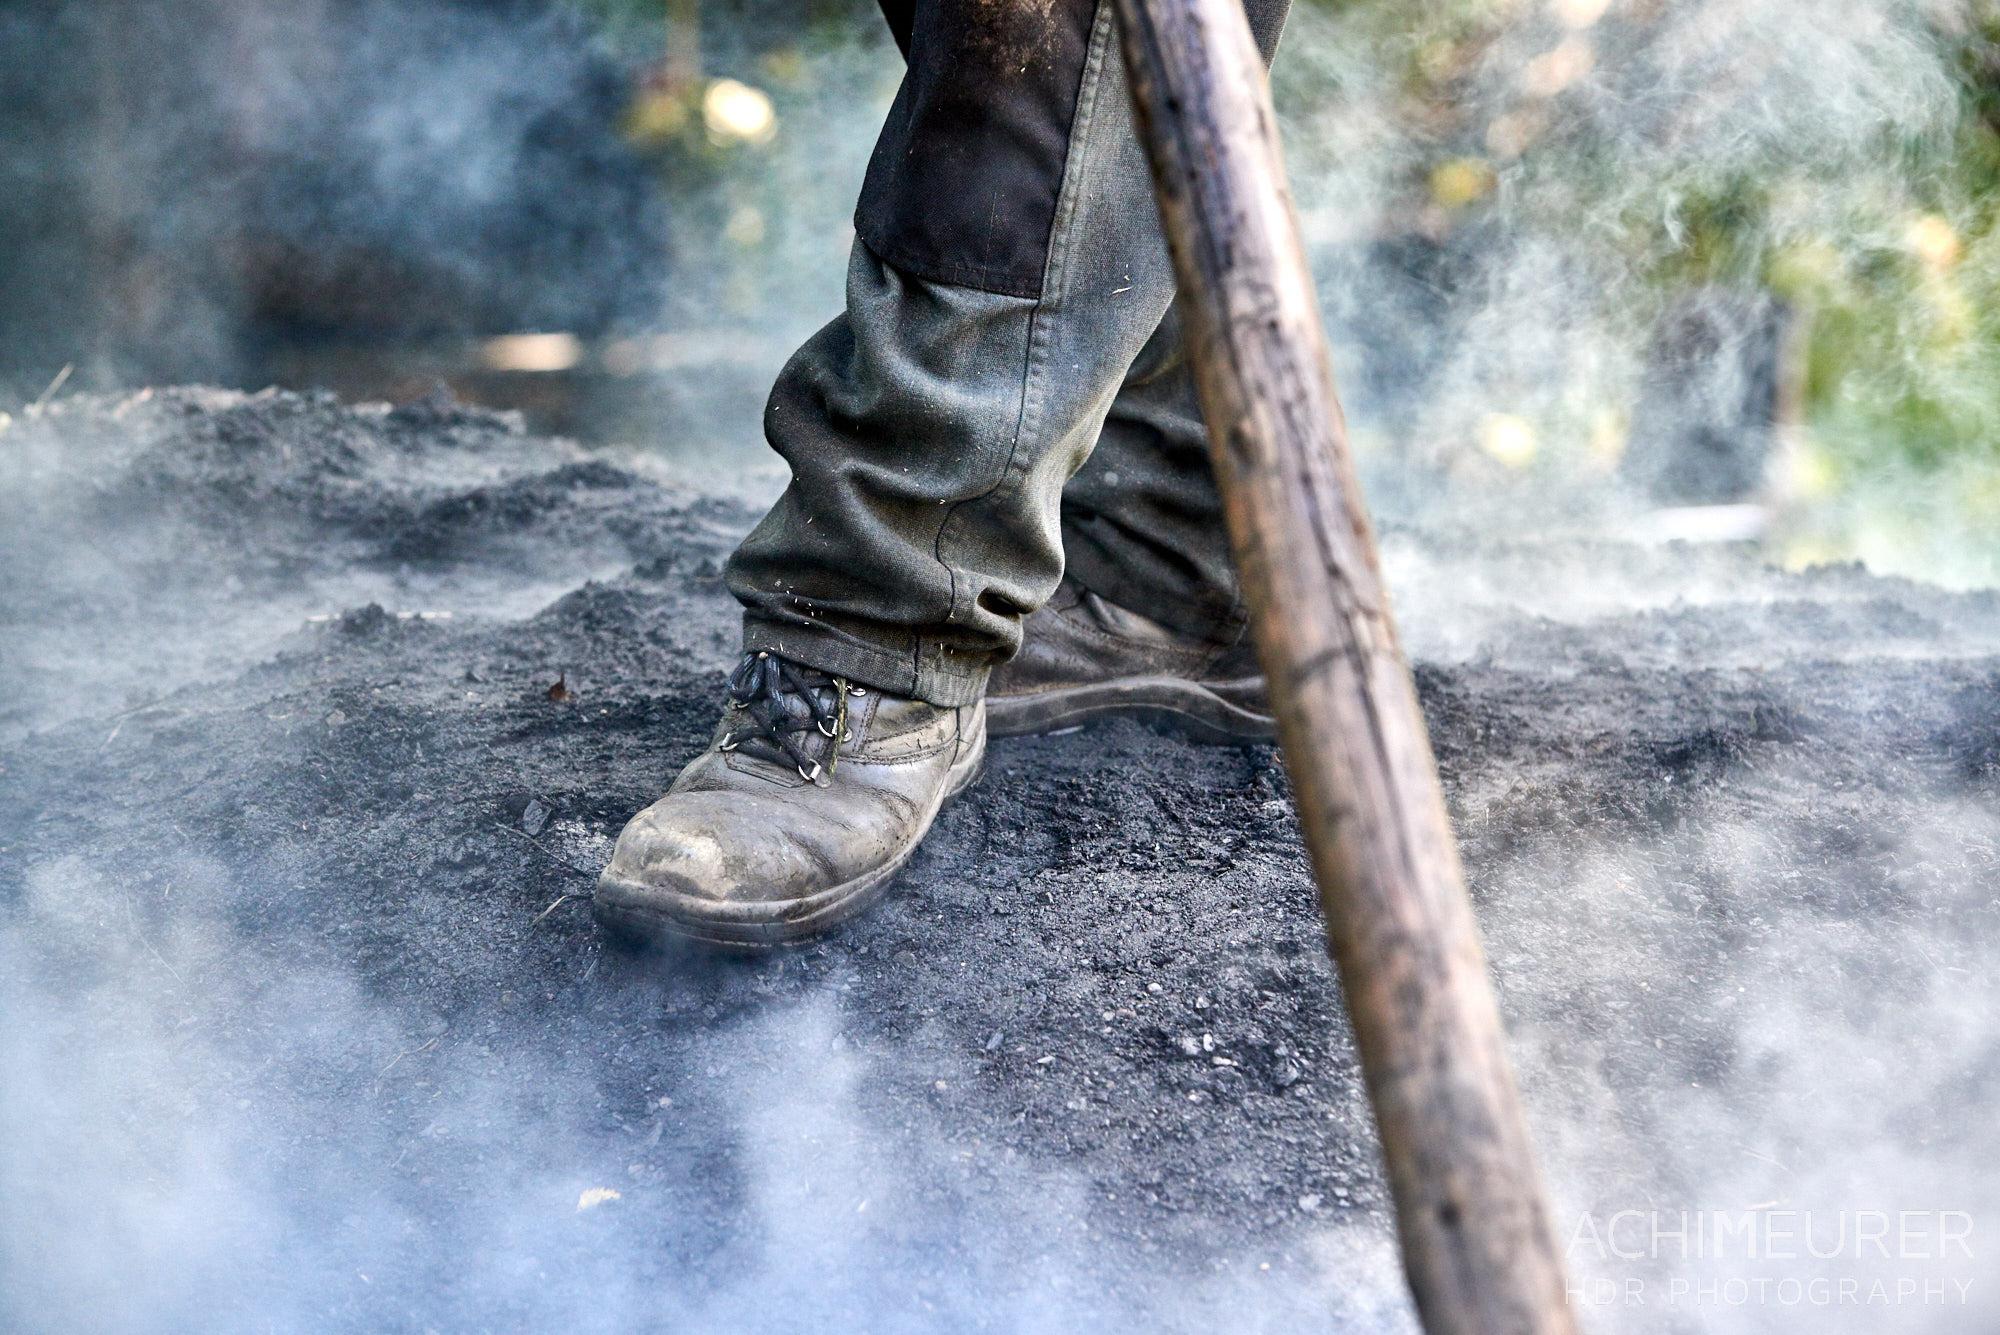 Ein Köhler während der Arbeit by Array.